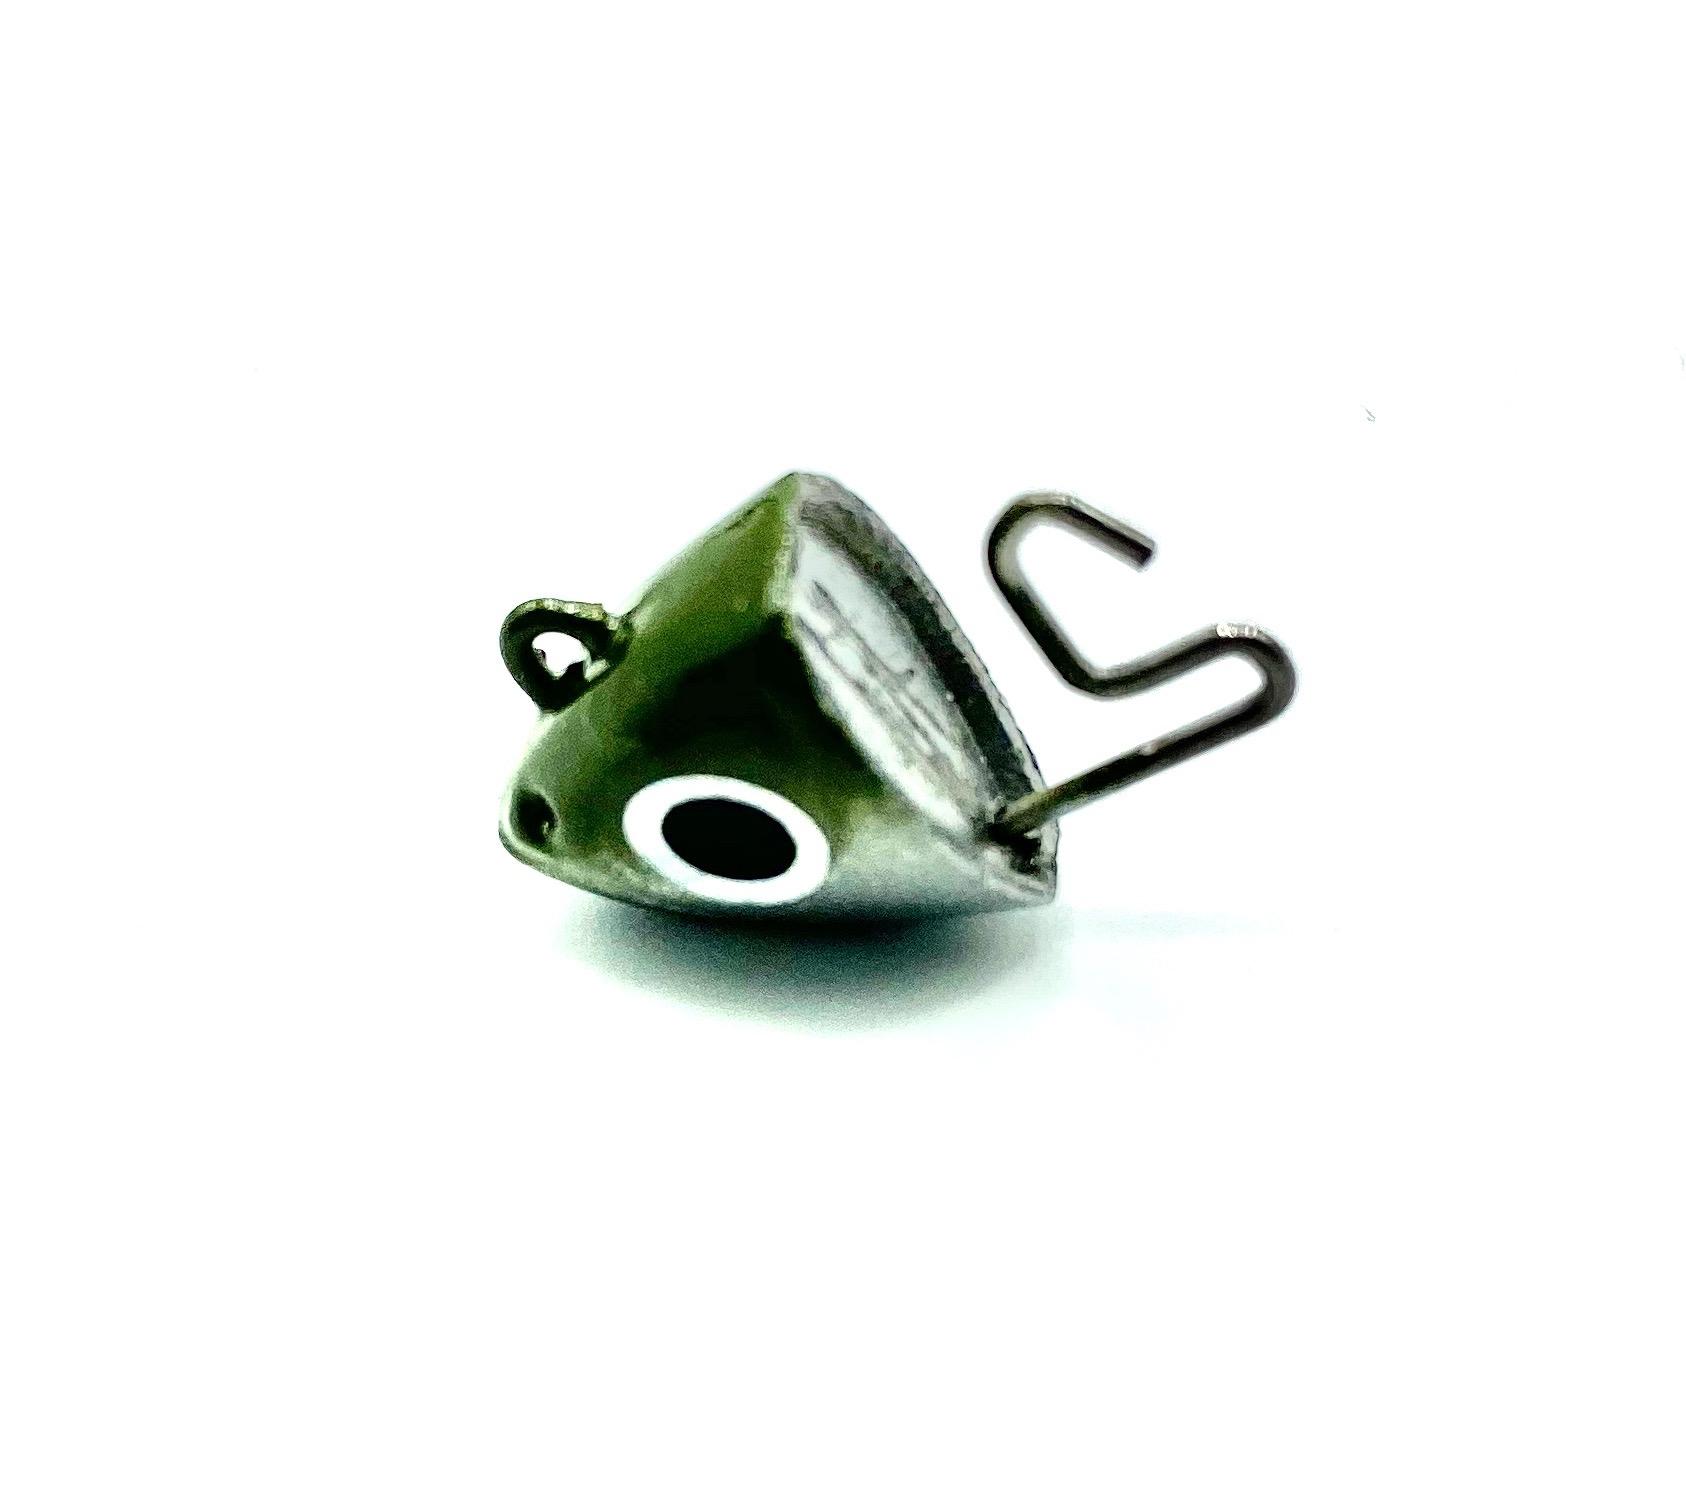 Fiiish Black Minnow 2 (90mm) -  Fishing Jig Heads